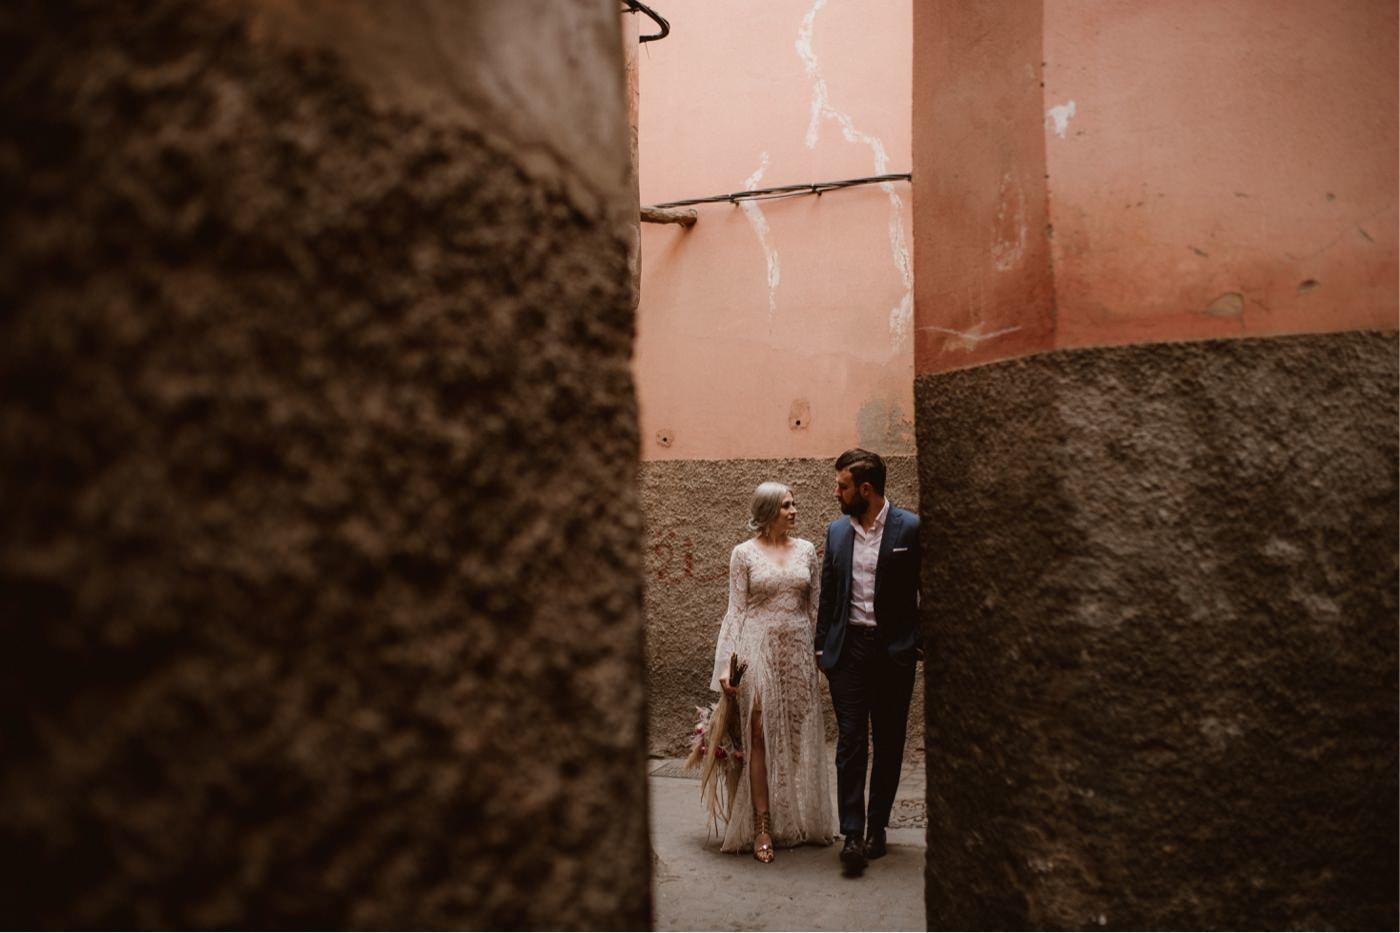 ewelina zieba marrakech sesja slubna 05